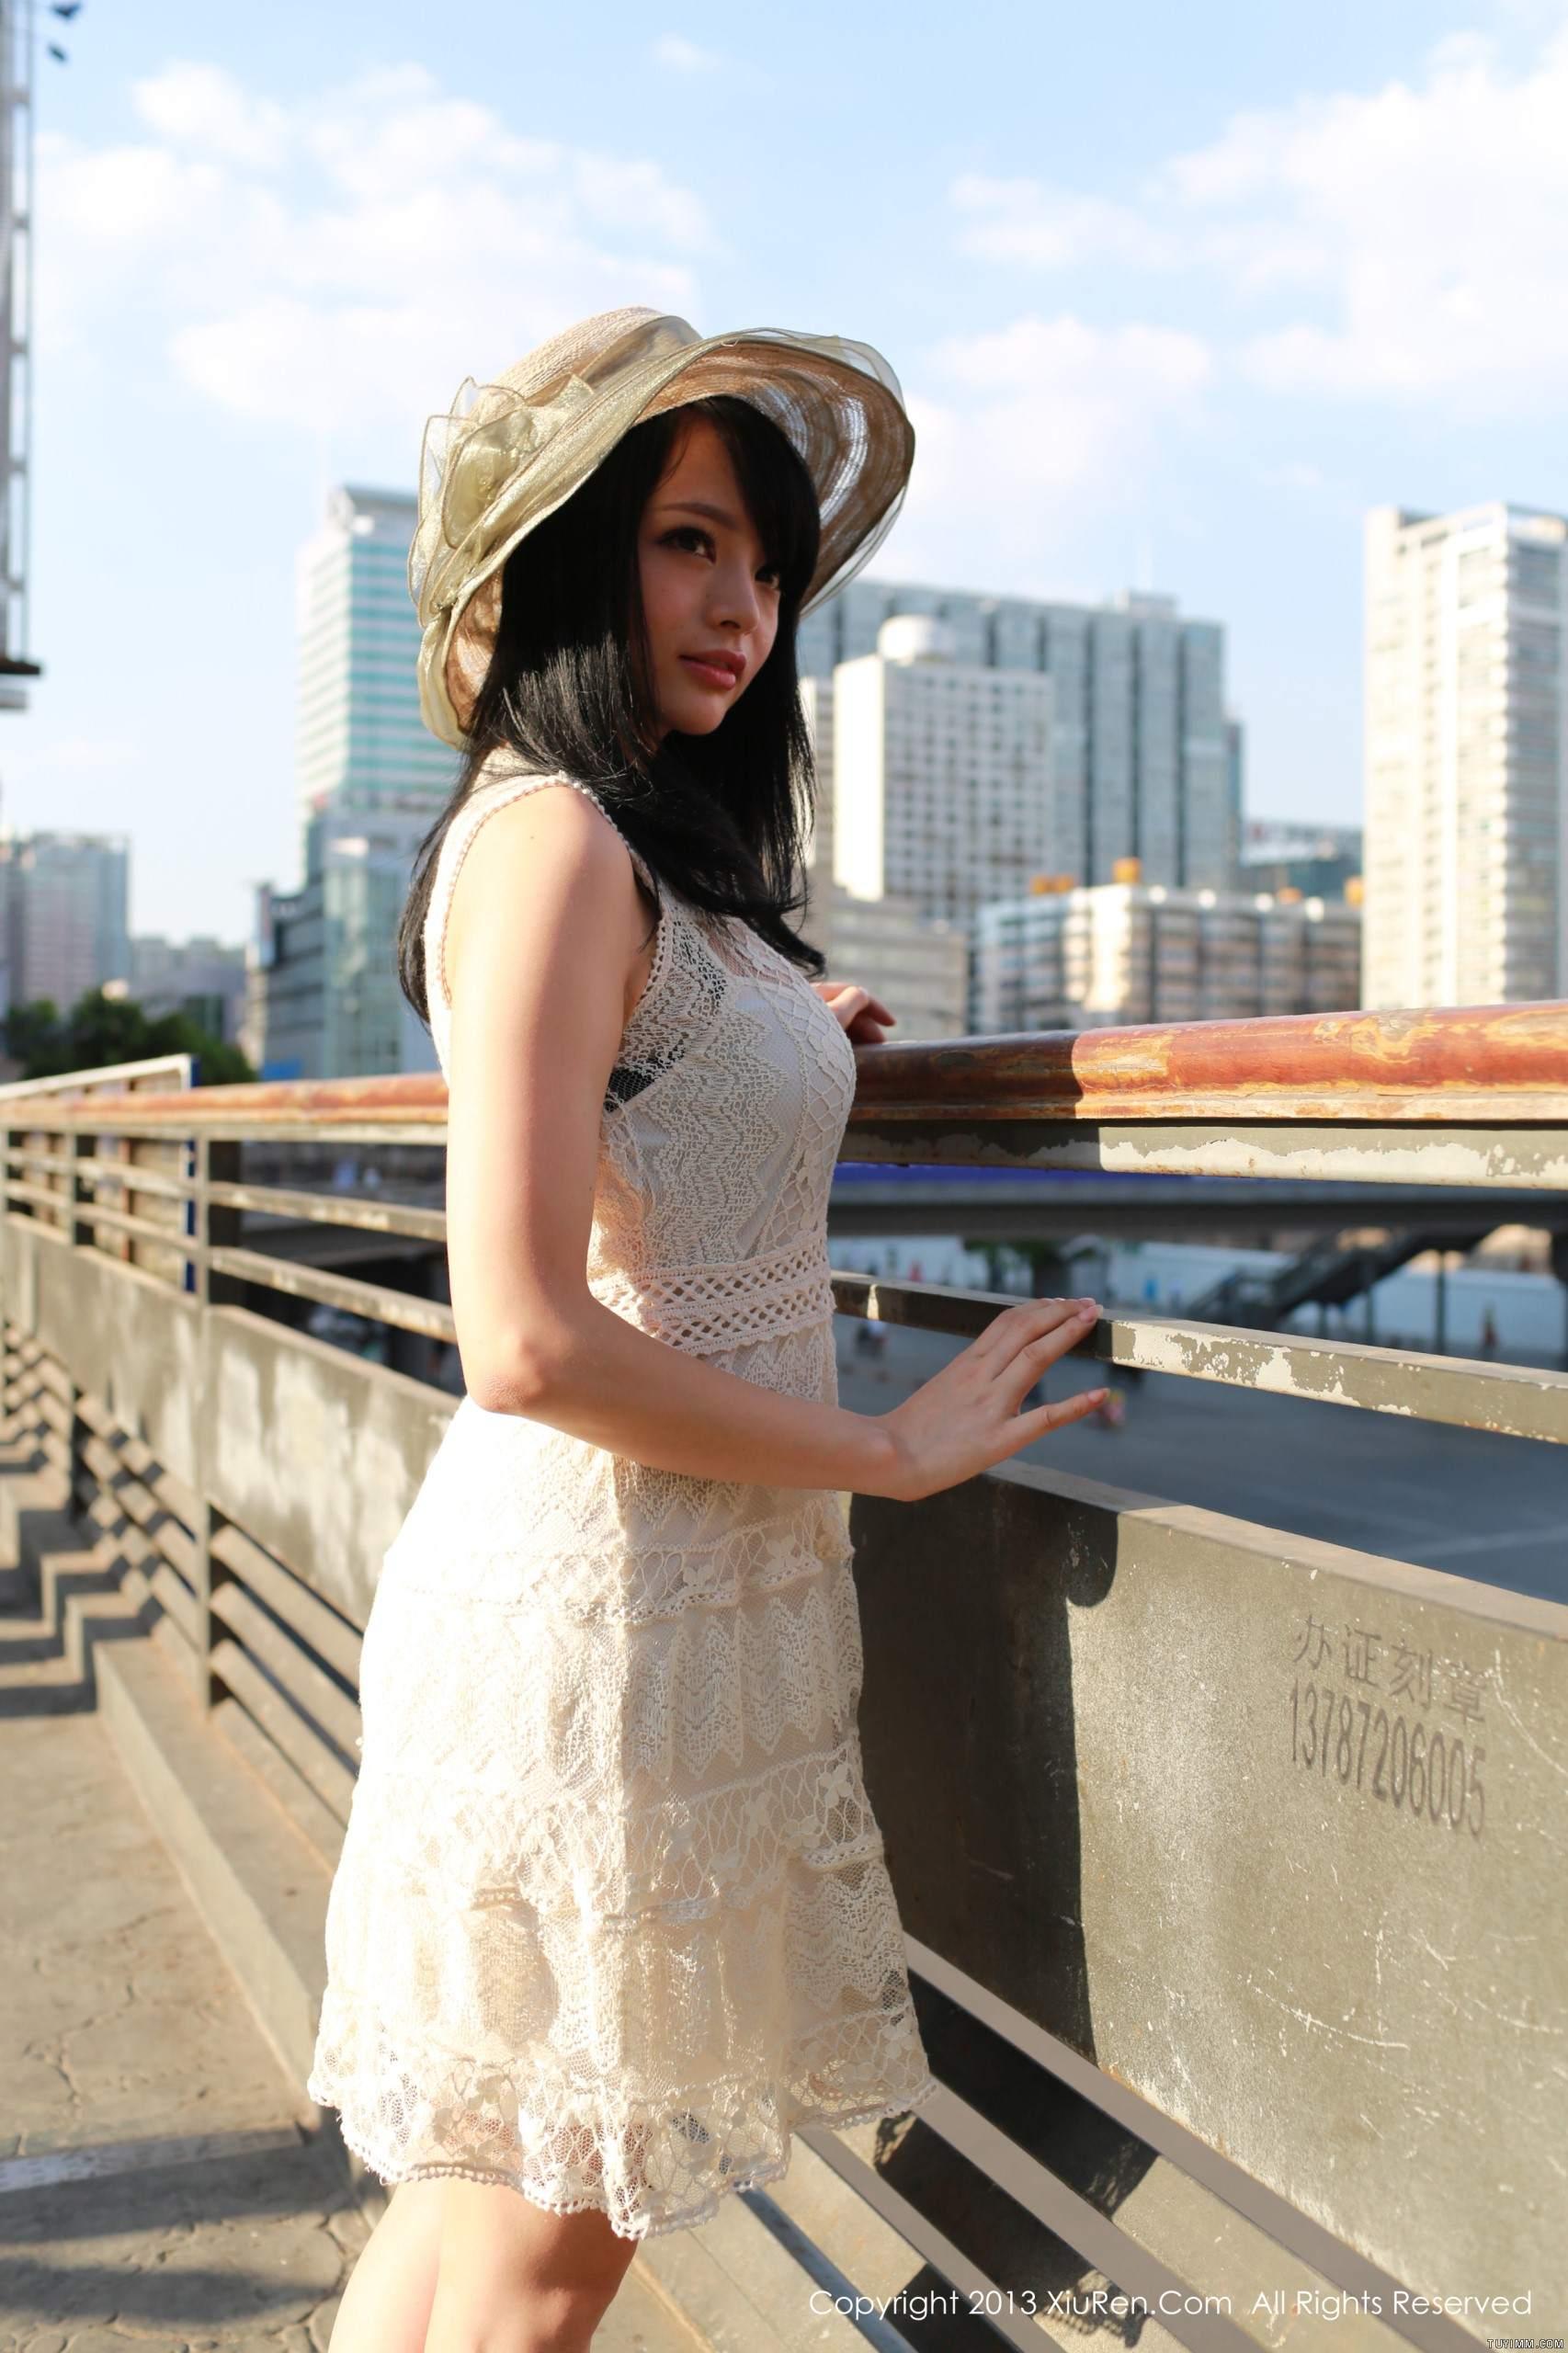 AngelaLee朵朵的辅助网站-第36张图片-哔哔娱乐网